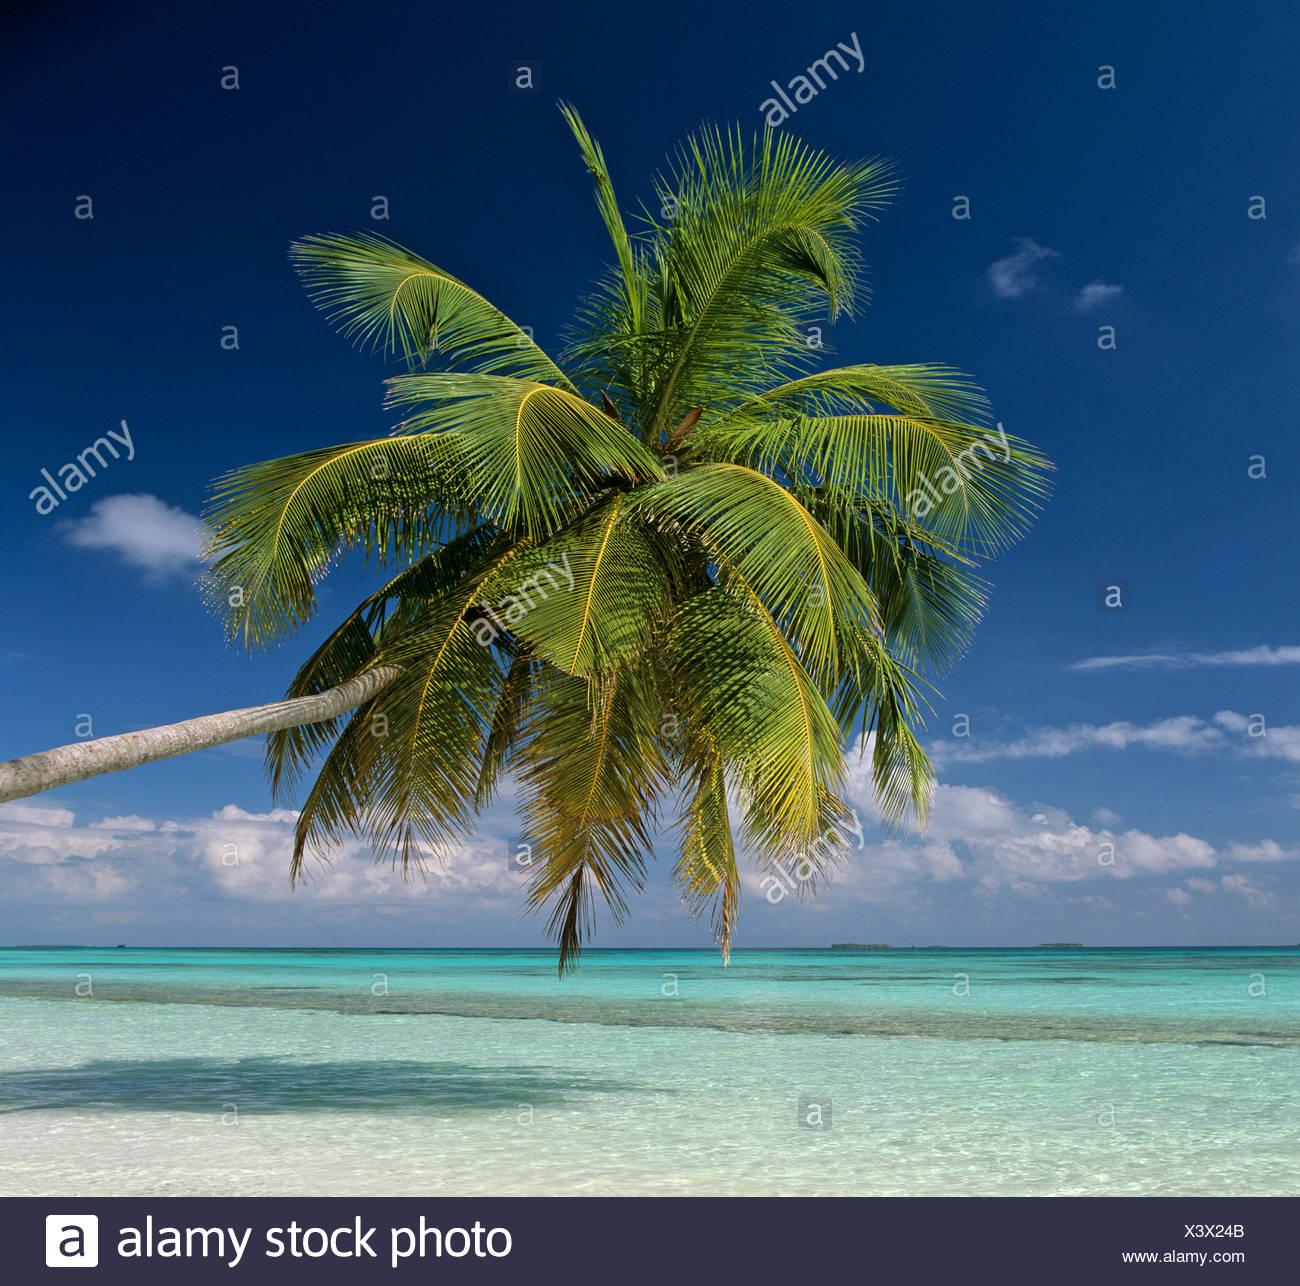 Palm tree, acque turchesi e la spiaggia, Maldive, Oceano Indiano Immagini Stock